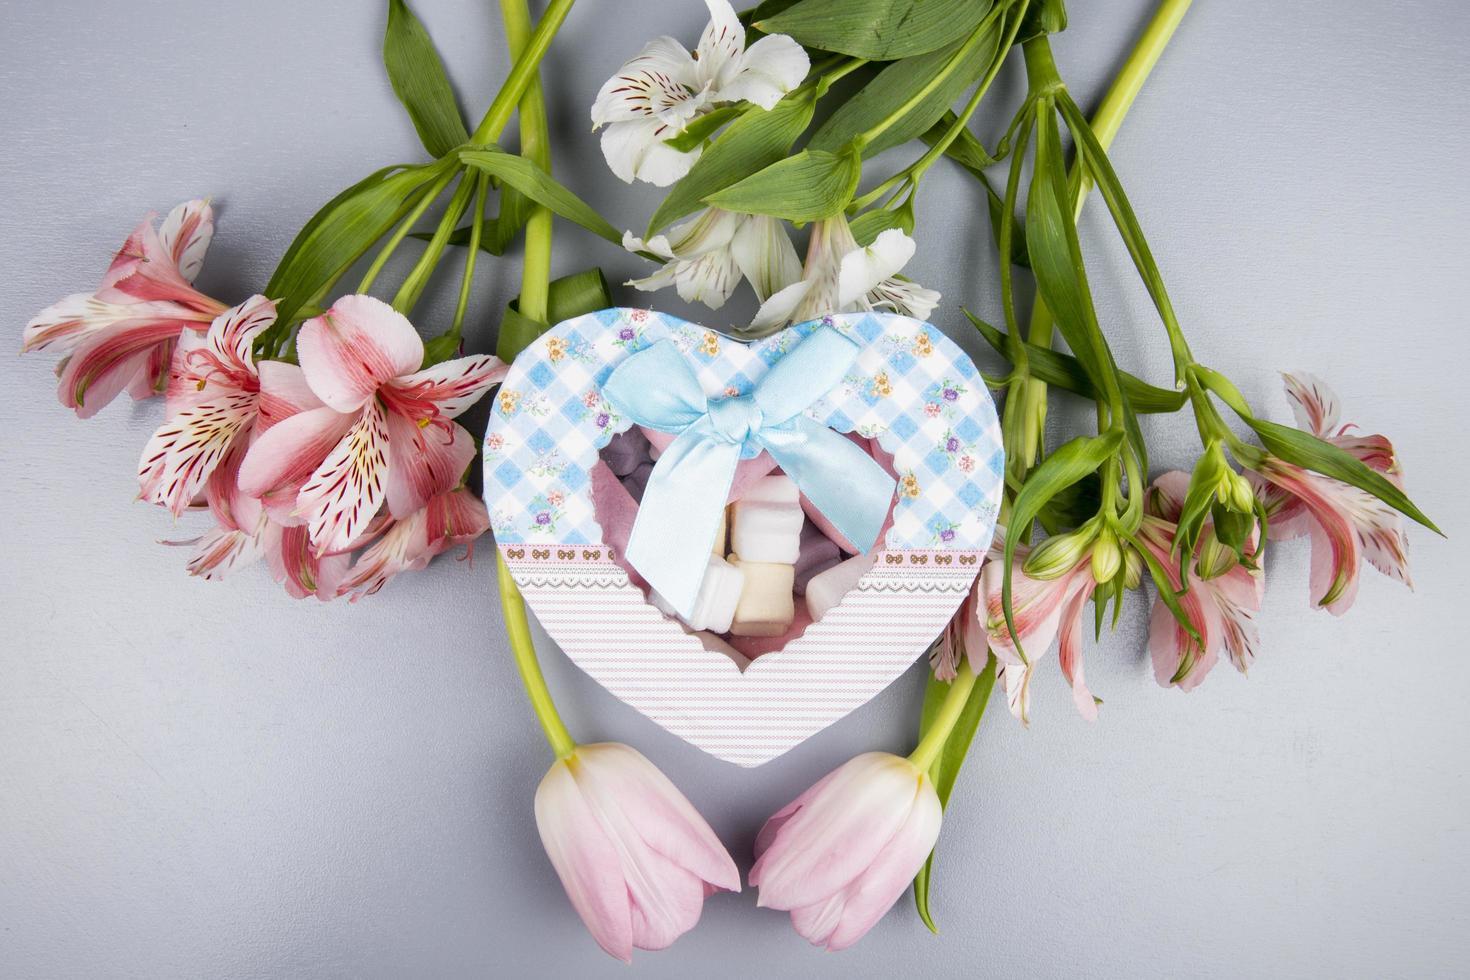 Vista superior de un cuadro de flores de tulipán presente en forma de corazón foto